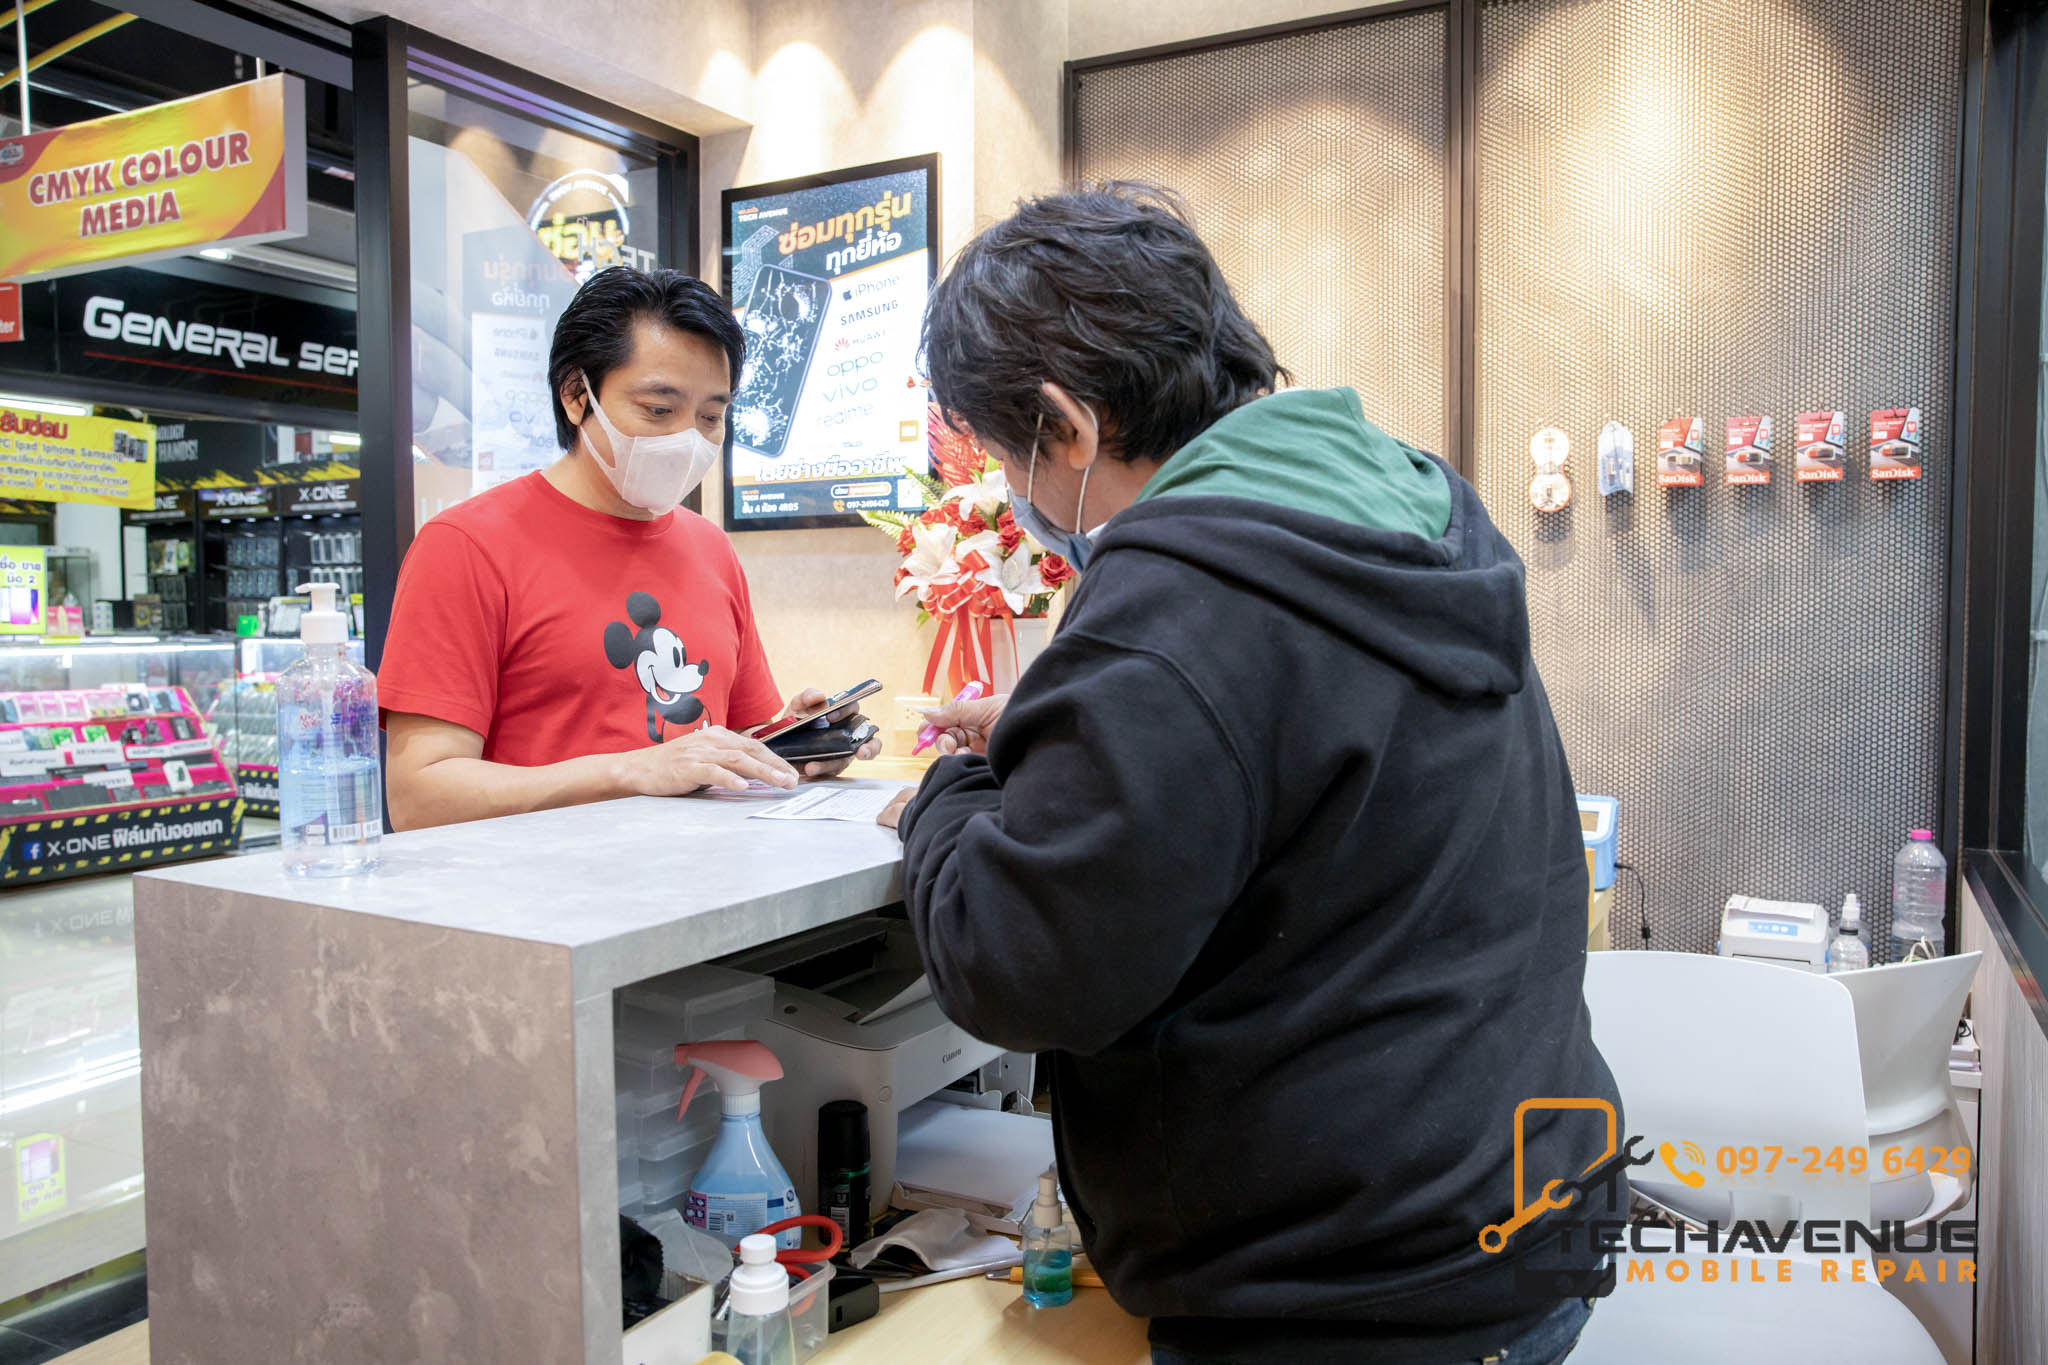 ซ่อมมือถือ แถวโซนดินแดง ที่ไหนดี ราคาไม่แพง บริการดีมาก